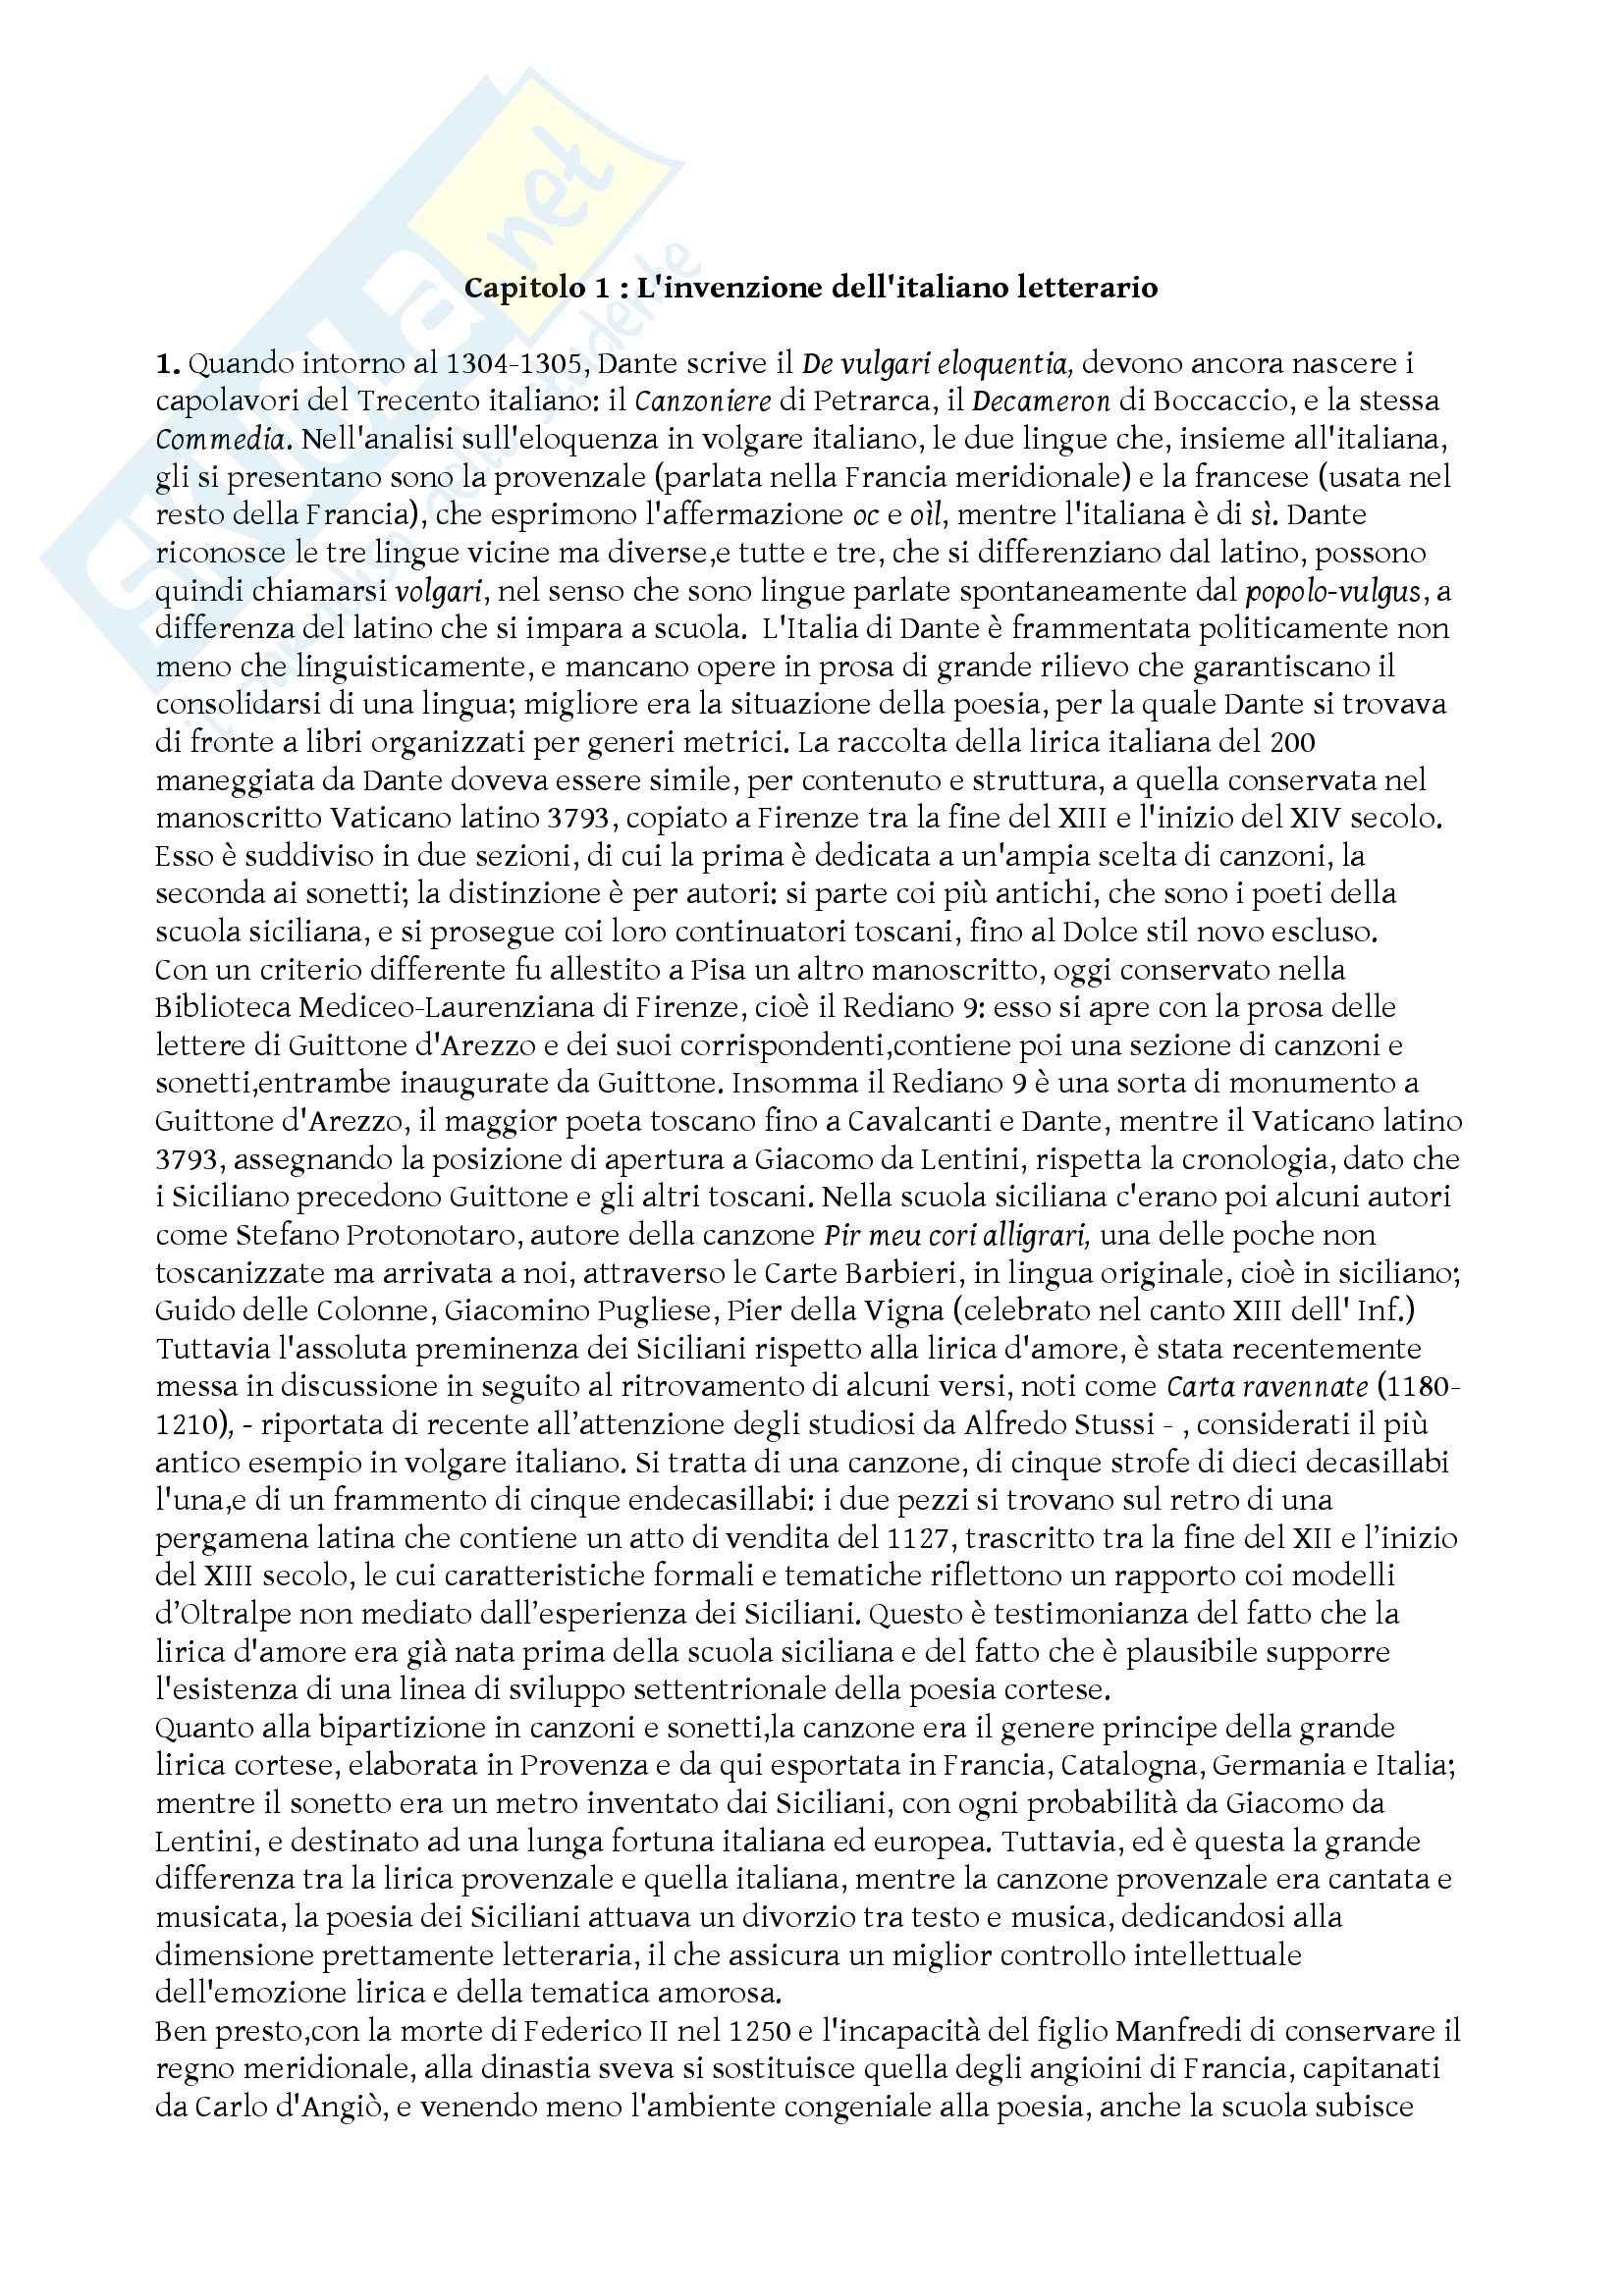 Riassunto esame Storia della lingua italiana, prof. De Blasi, libro consigliato L'italiano letterario nella storia, Bruni